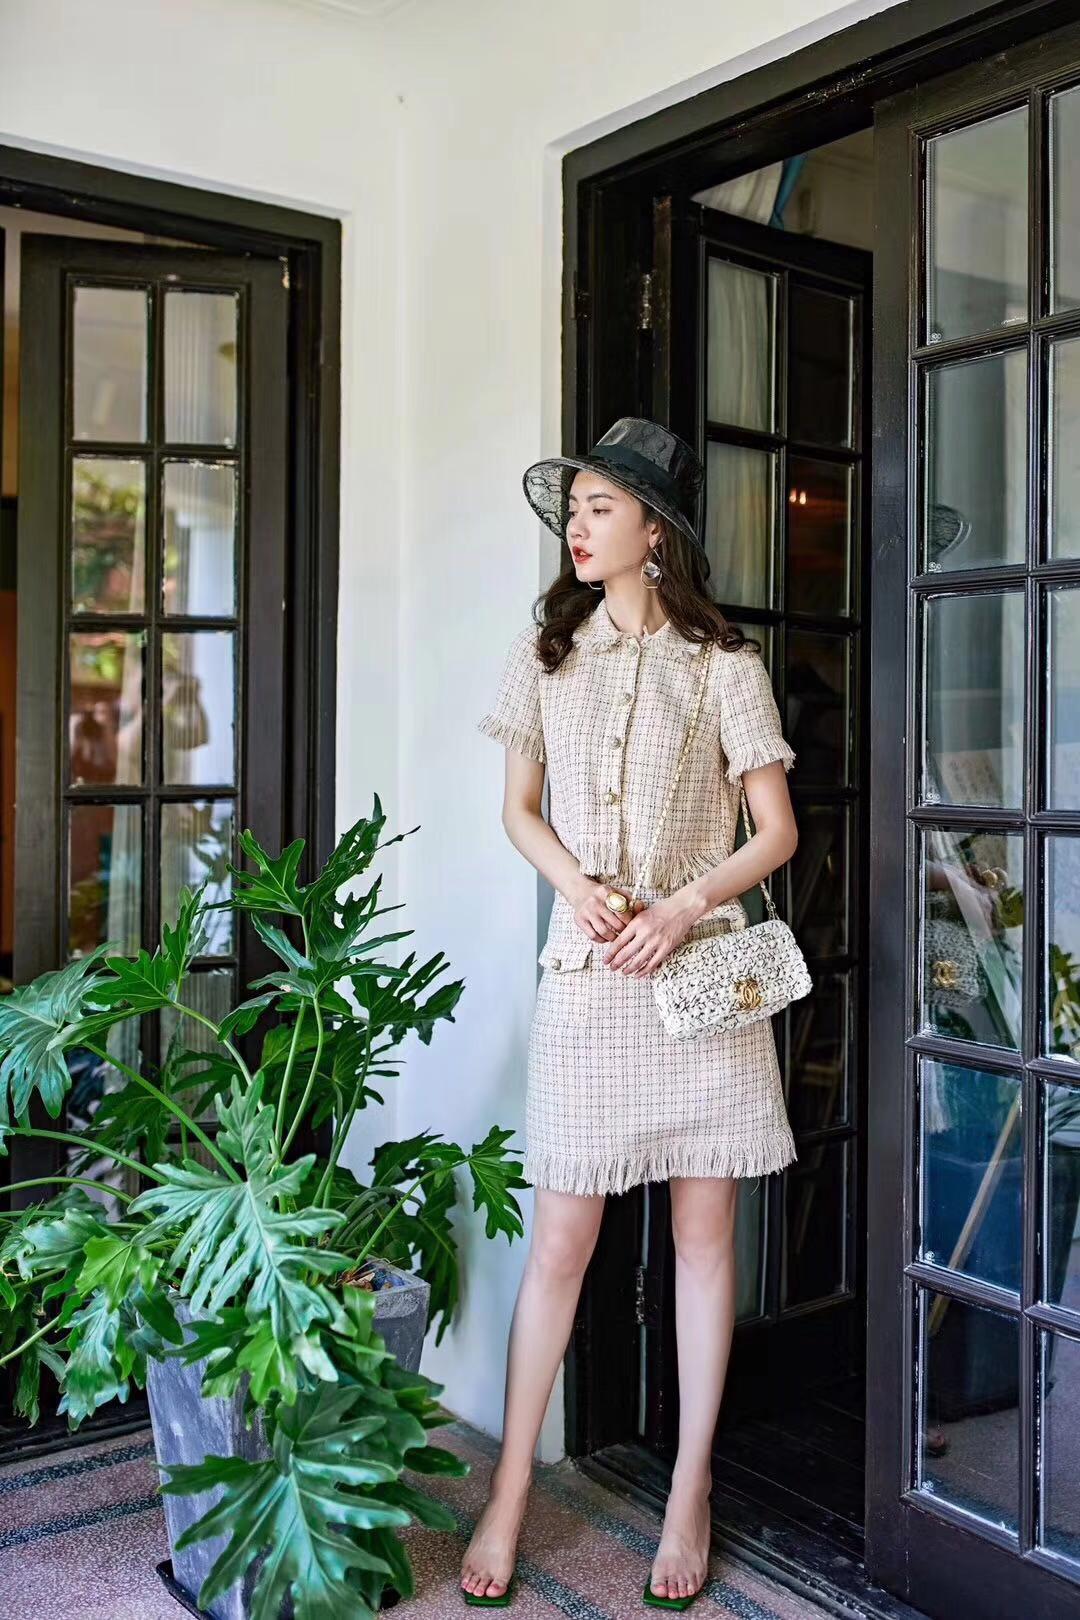 绒丝格纹套装 米色系的浅色格纹,会更适合于夏天。当然格纹也不局限于常见的单品,裙装套装遇见格纹,多了一丝复古女王气质。上衣是衬衣式的单翻领,纽扣点缀门襟。袖边以及做短的衣尾都拼入了绒毛丝的坠子,亲肤又撩人。下身的半裙,呼应衣服设有纽扣翻盖口袋,层次感更强。绒边的裙摆迎着风,也更有韵味。